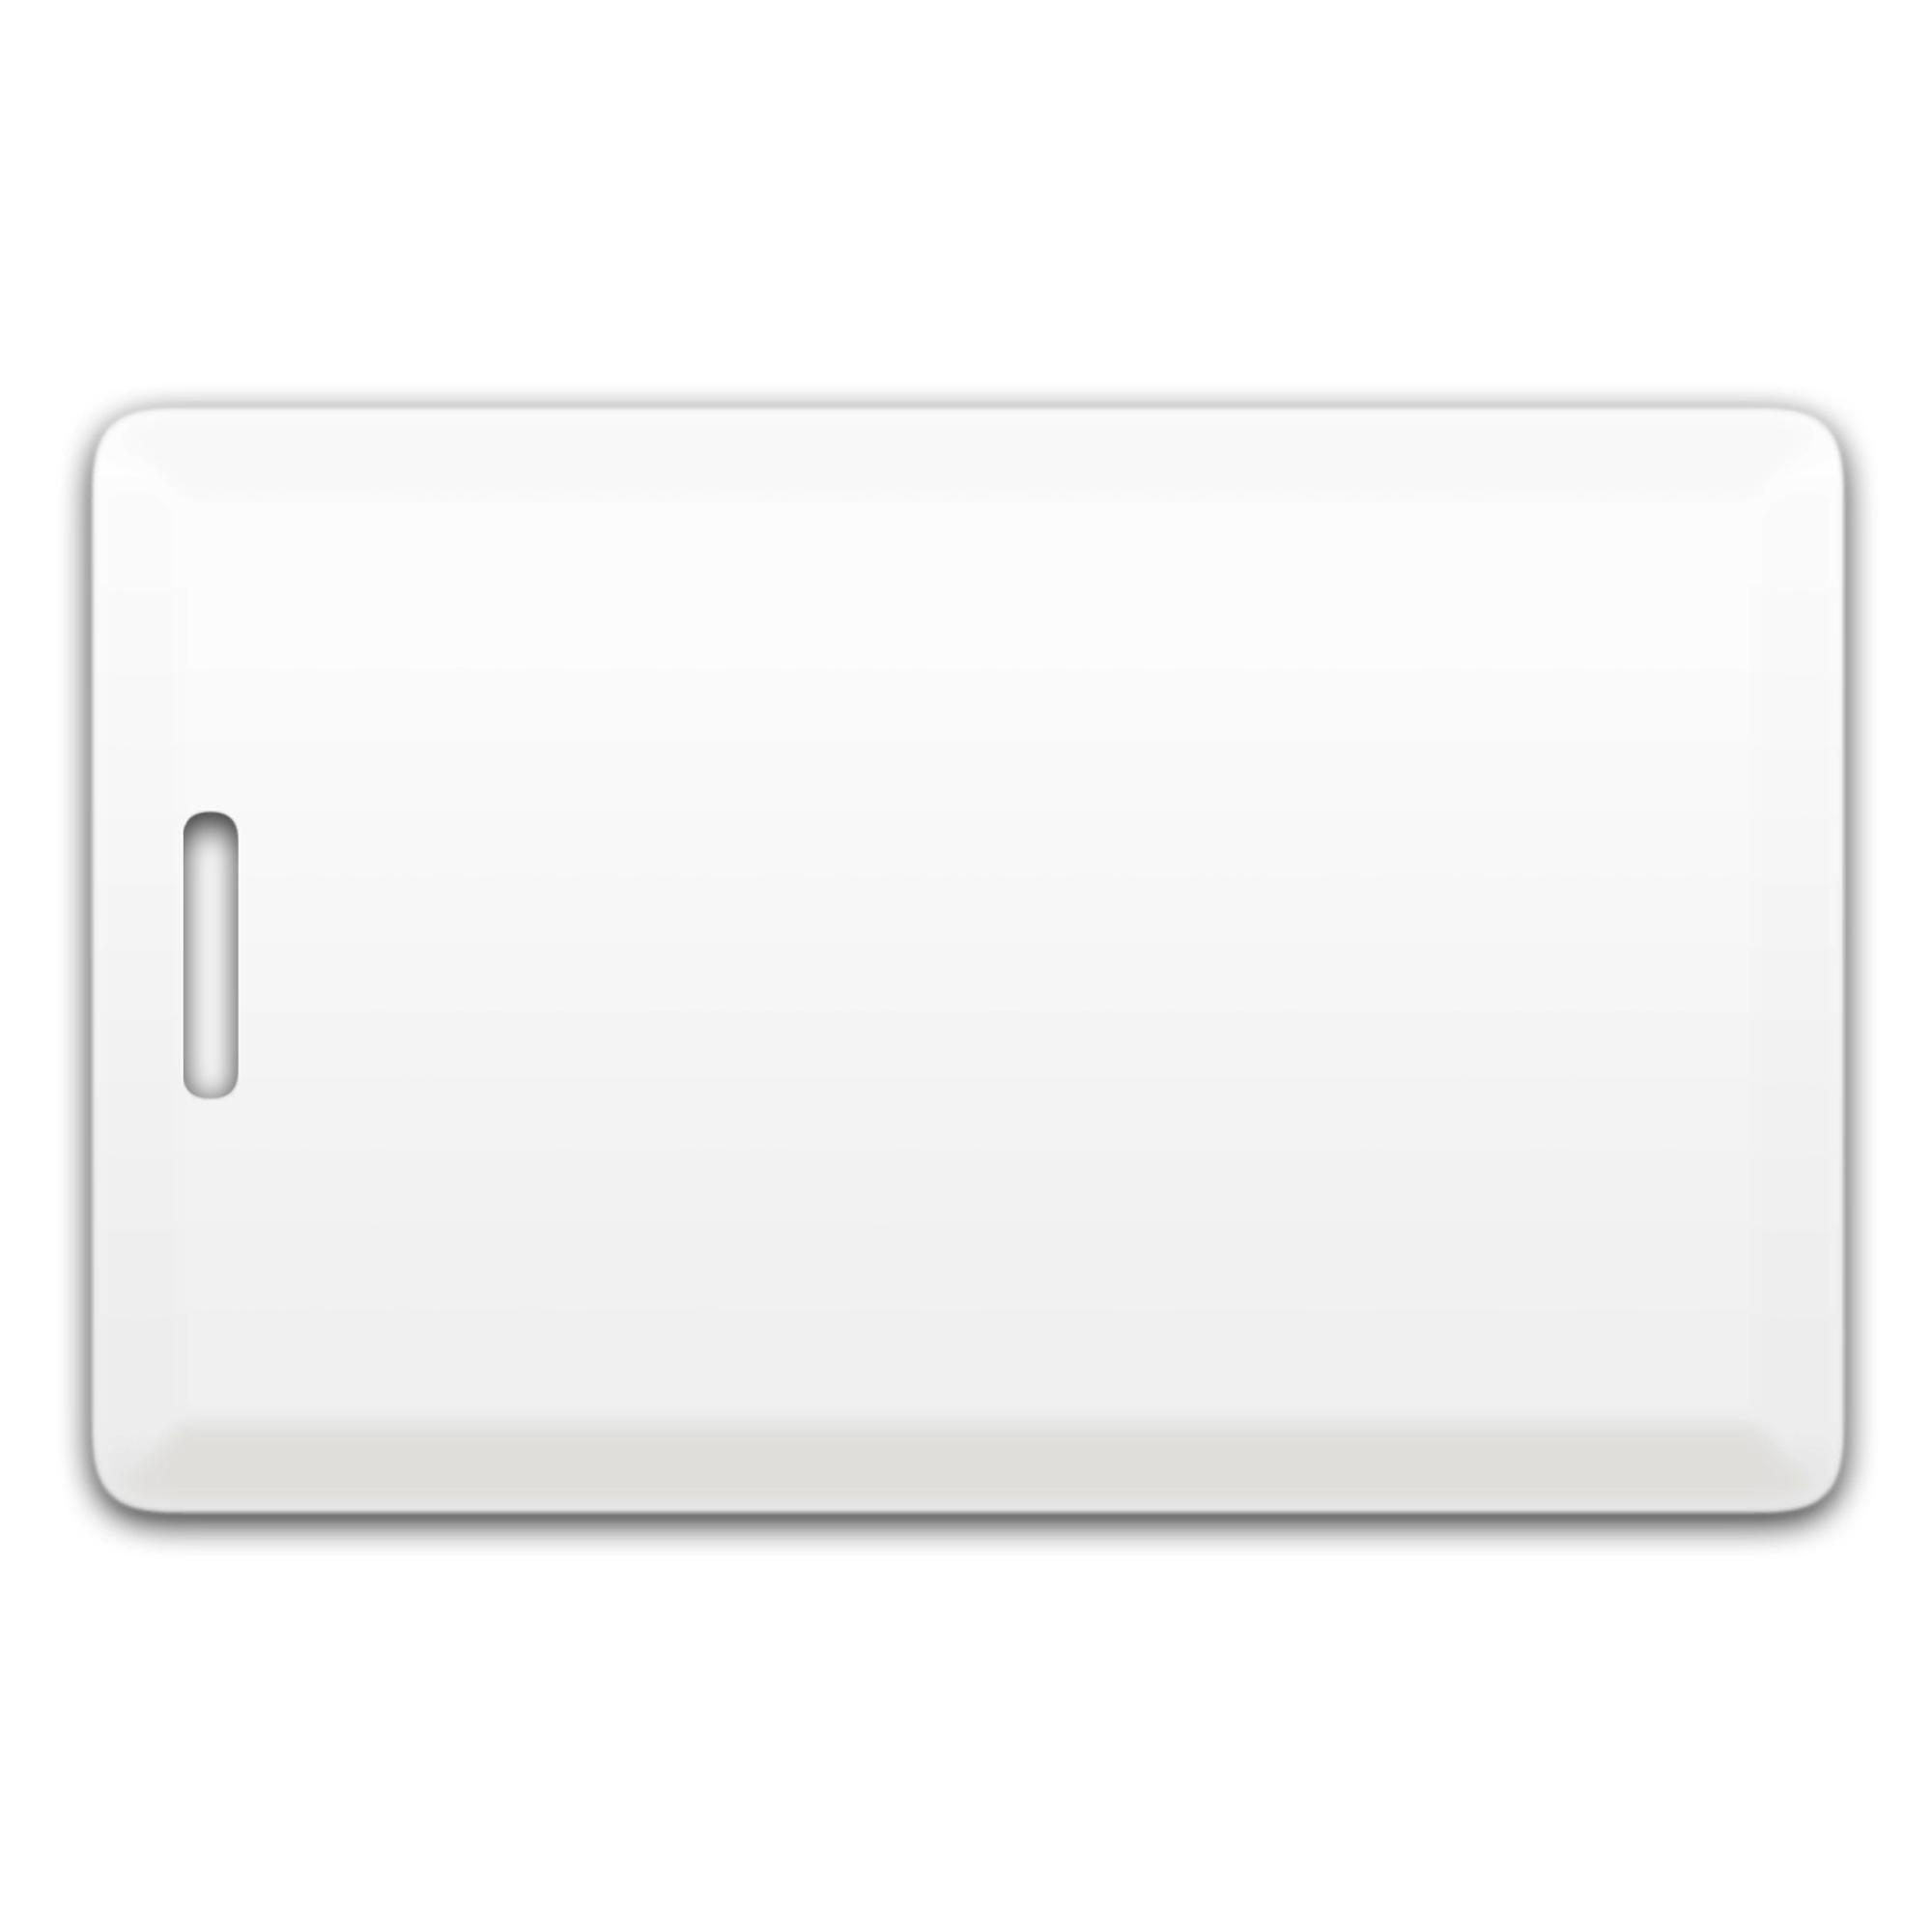 Chip-UA | Бесконтактная перезаписываемая толстая пластиковая RFID-карта с прорезью с чипом Atmel (Temic) T5557, T5577